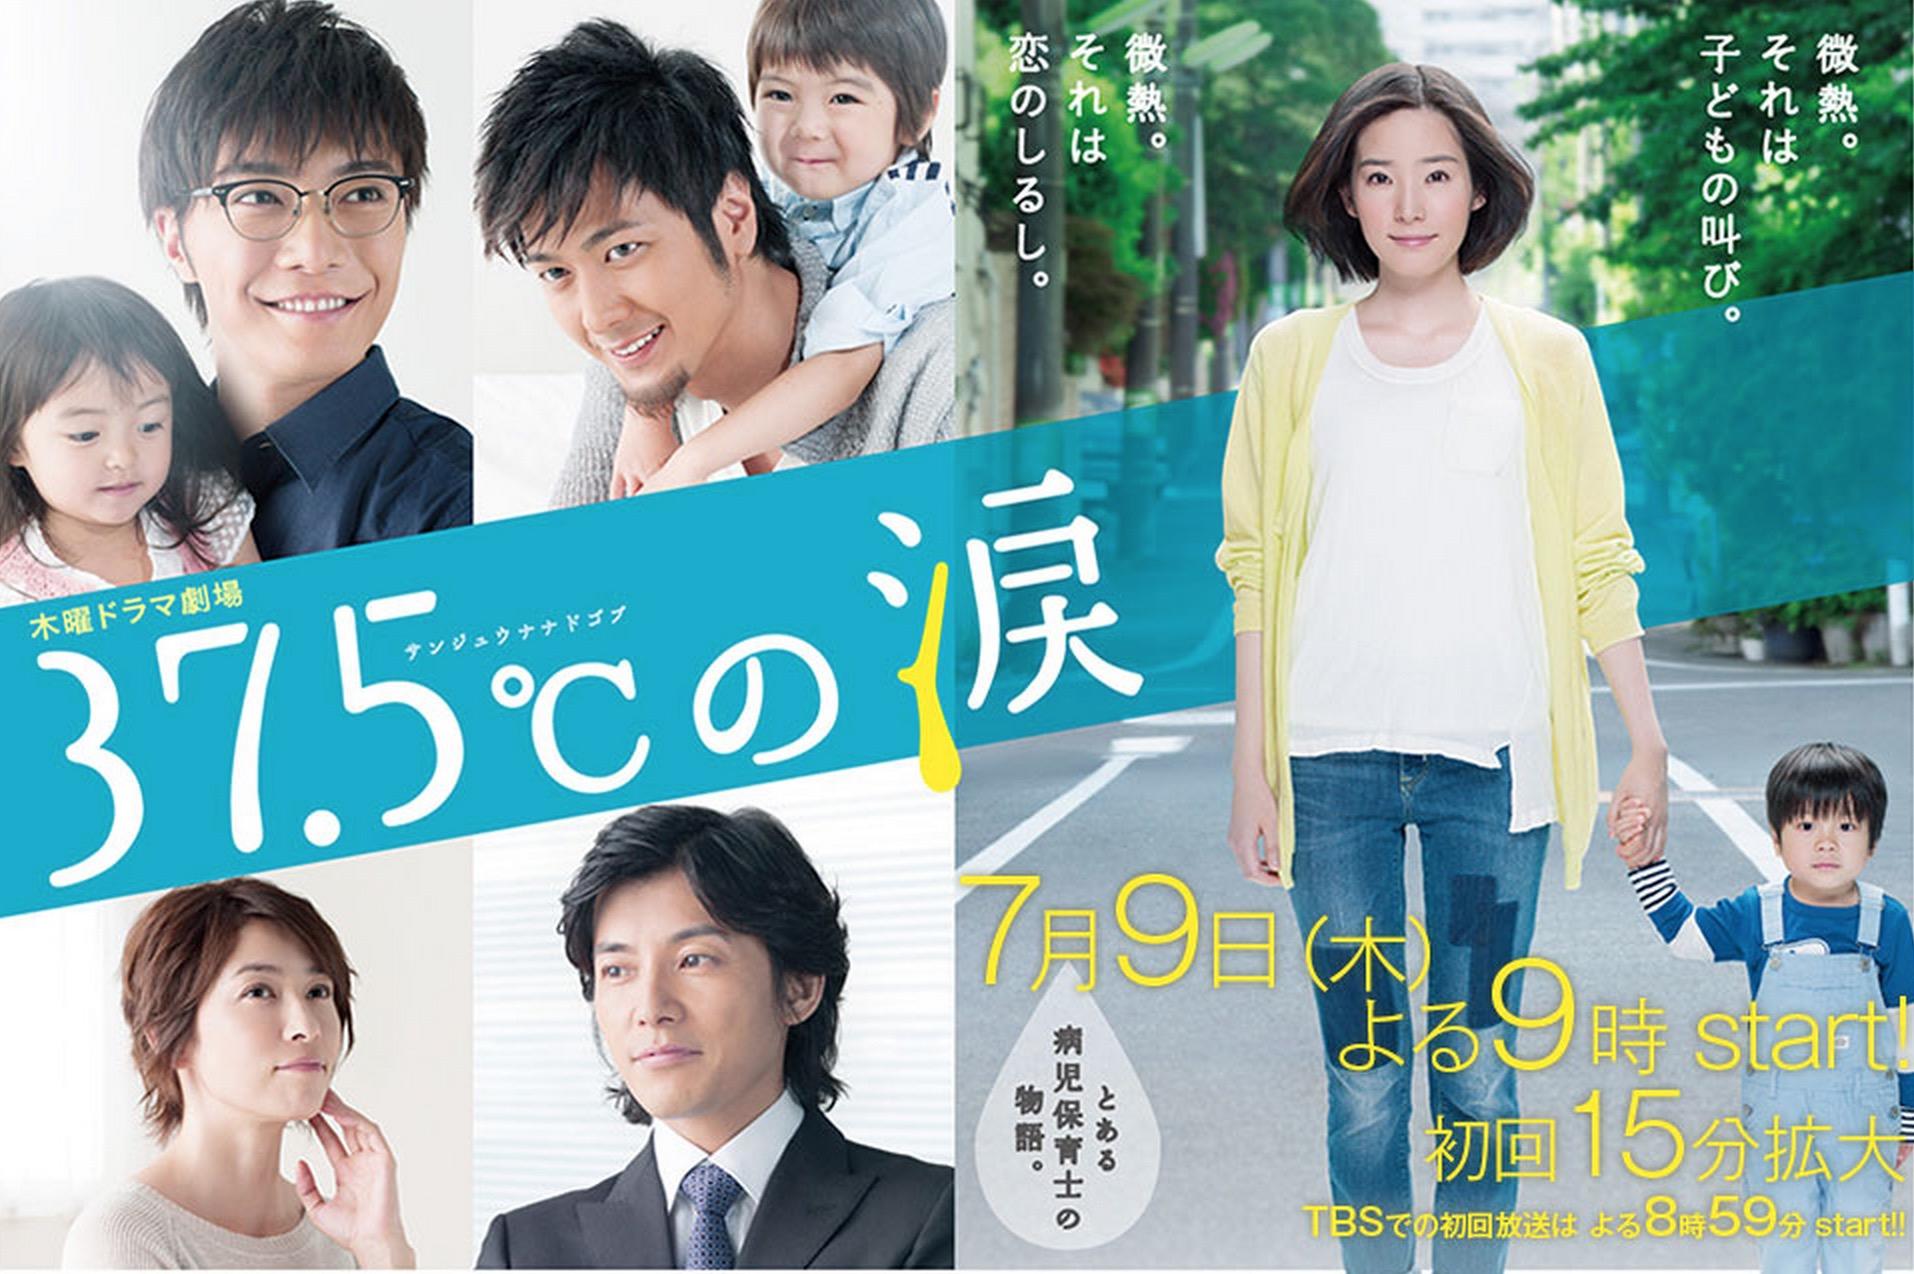 画像参照元:TBS木曜ドラマ「37.5℃の涙」 公式サイト